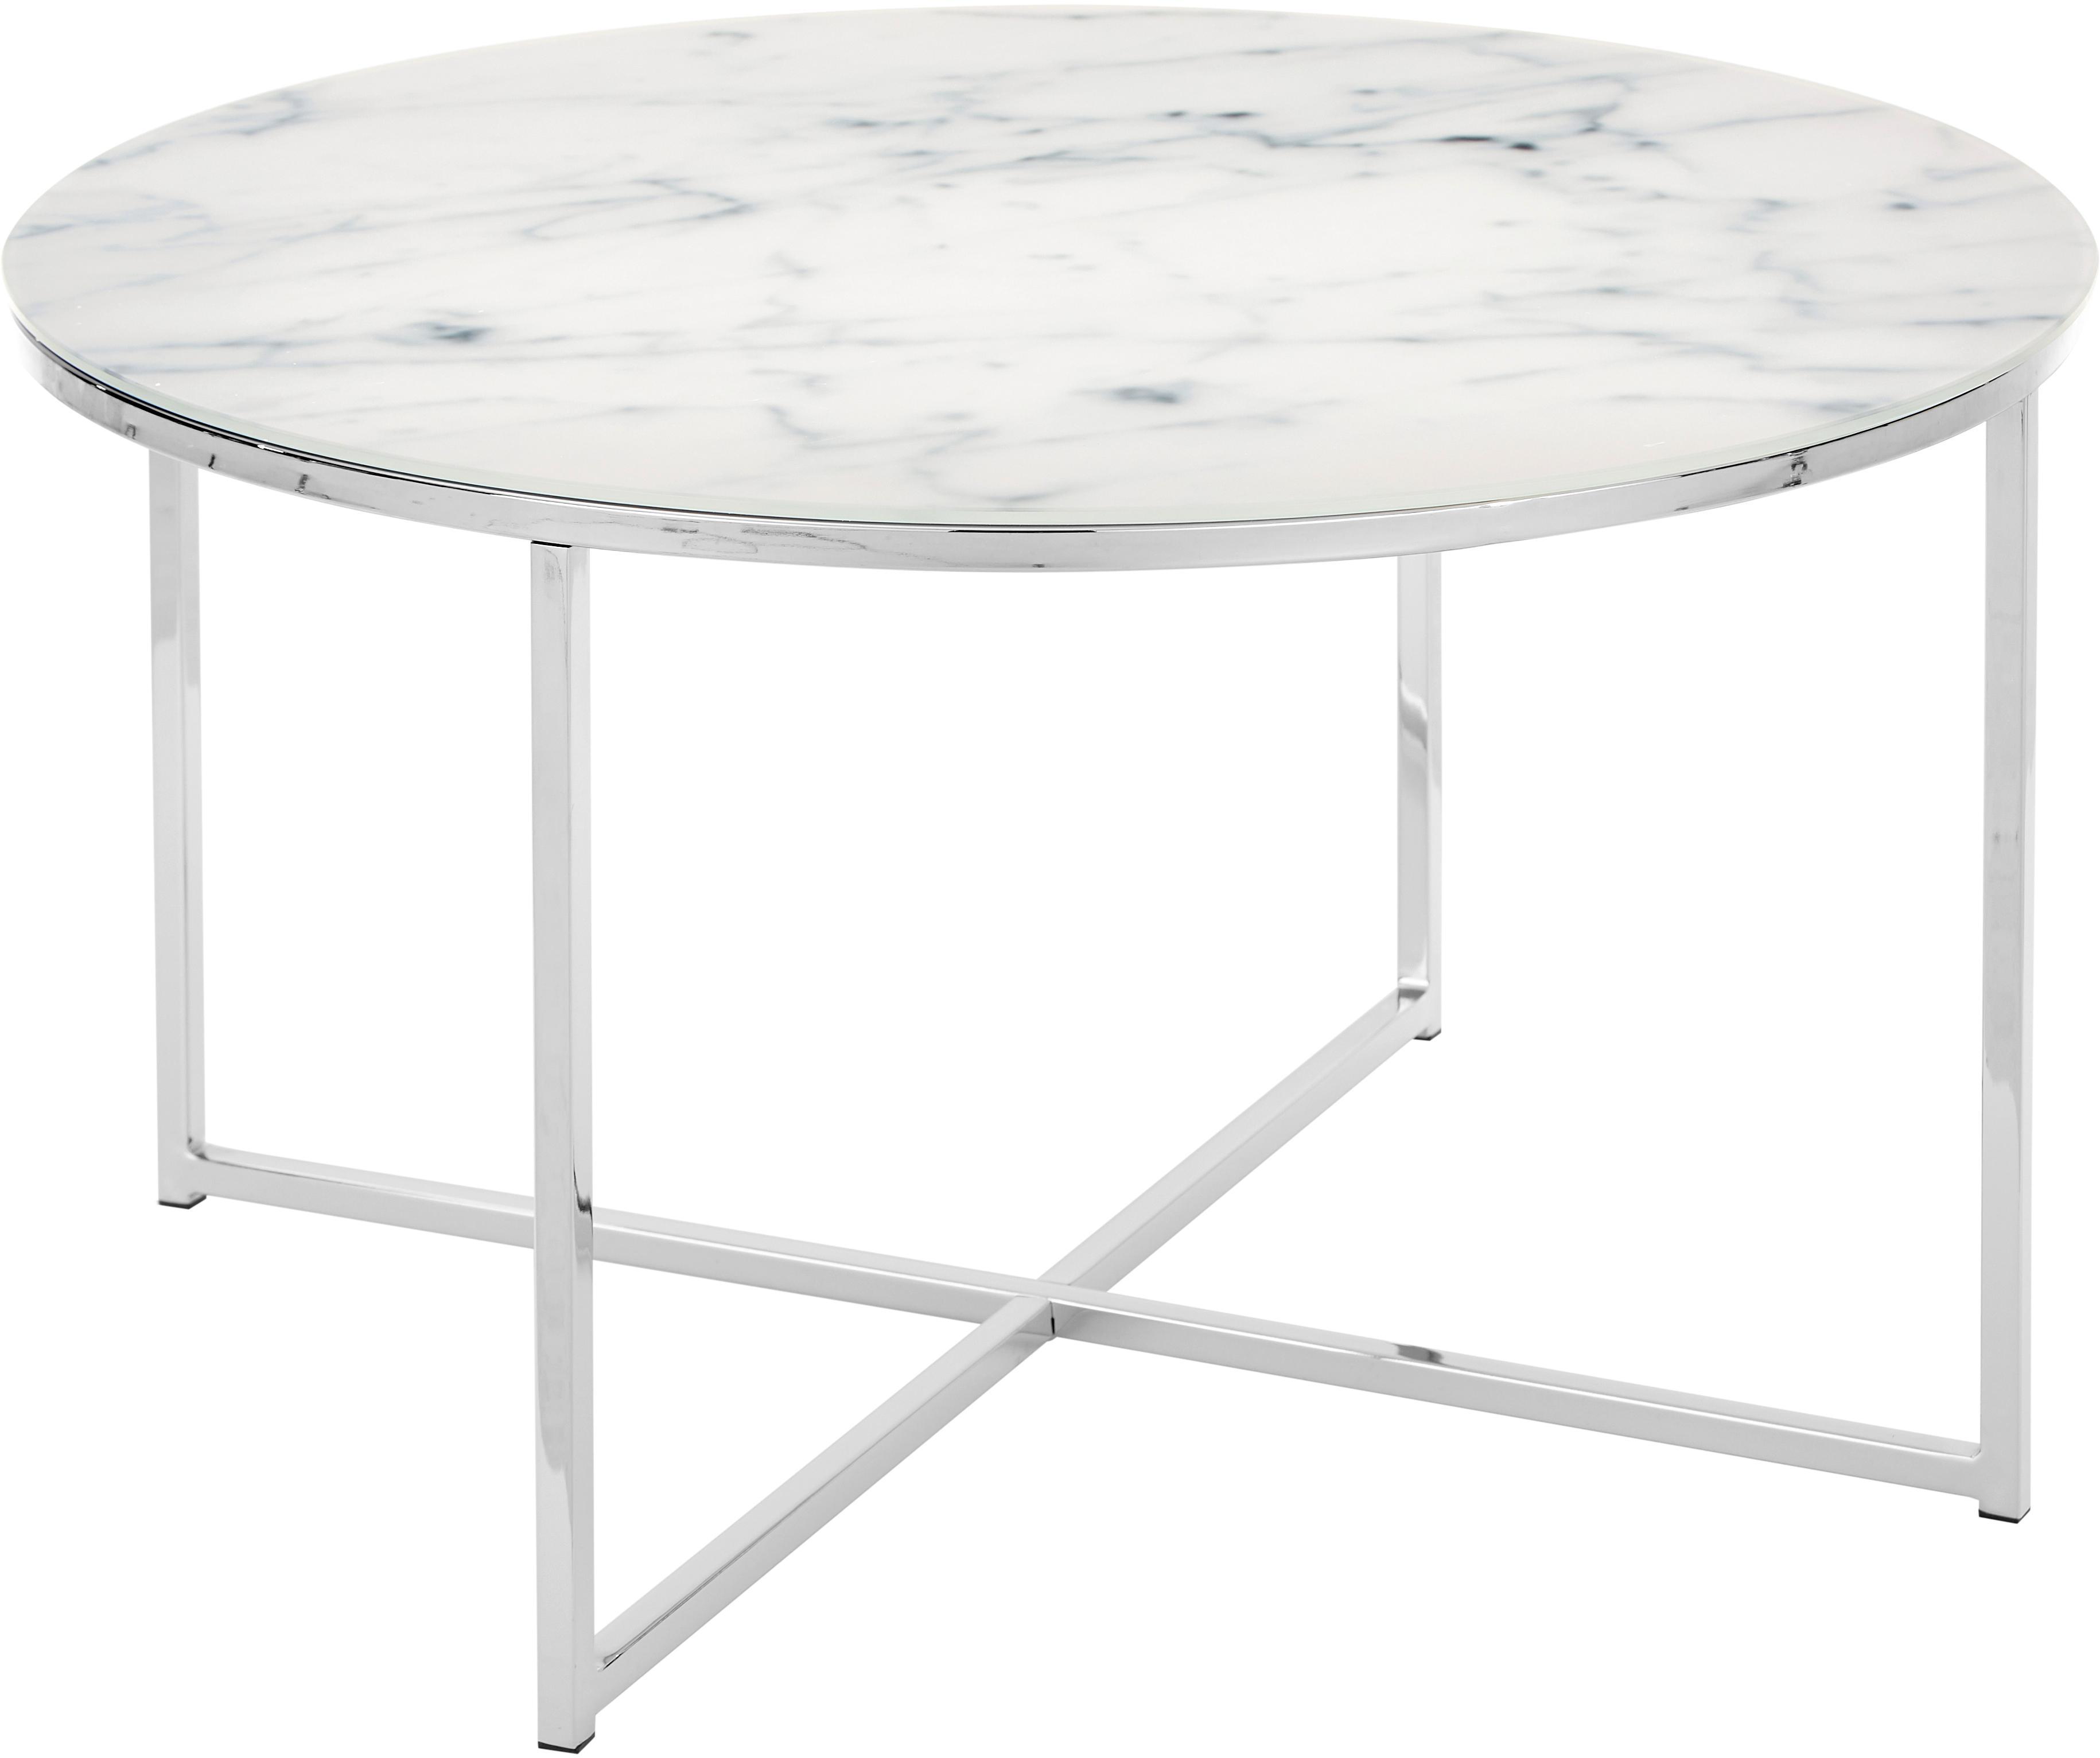 Mesa de centro Antigua, tablero de cristal en aspecto mármol, Tablero: vidrio estampado con aspe, Estructura: metal cromado, Mármol blanco, cromo, Ø 80 x Al 45 cm